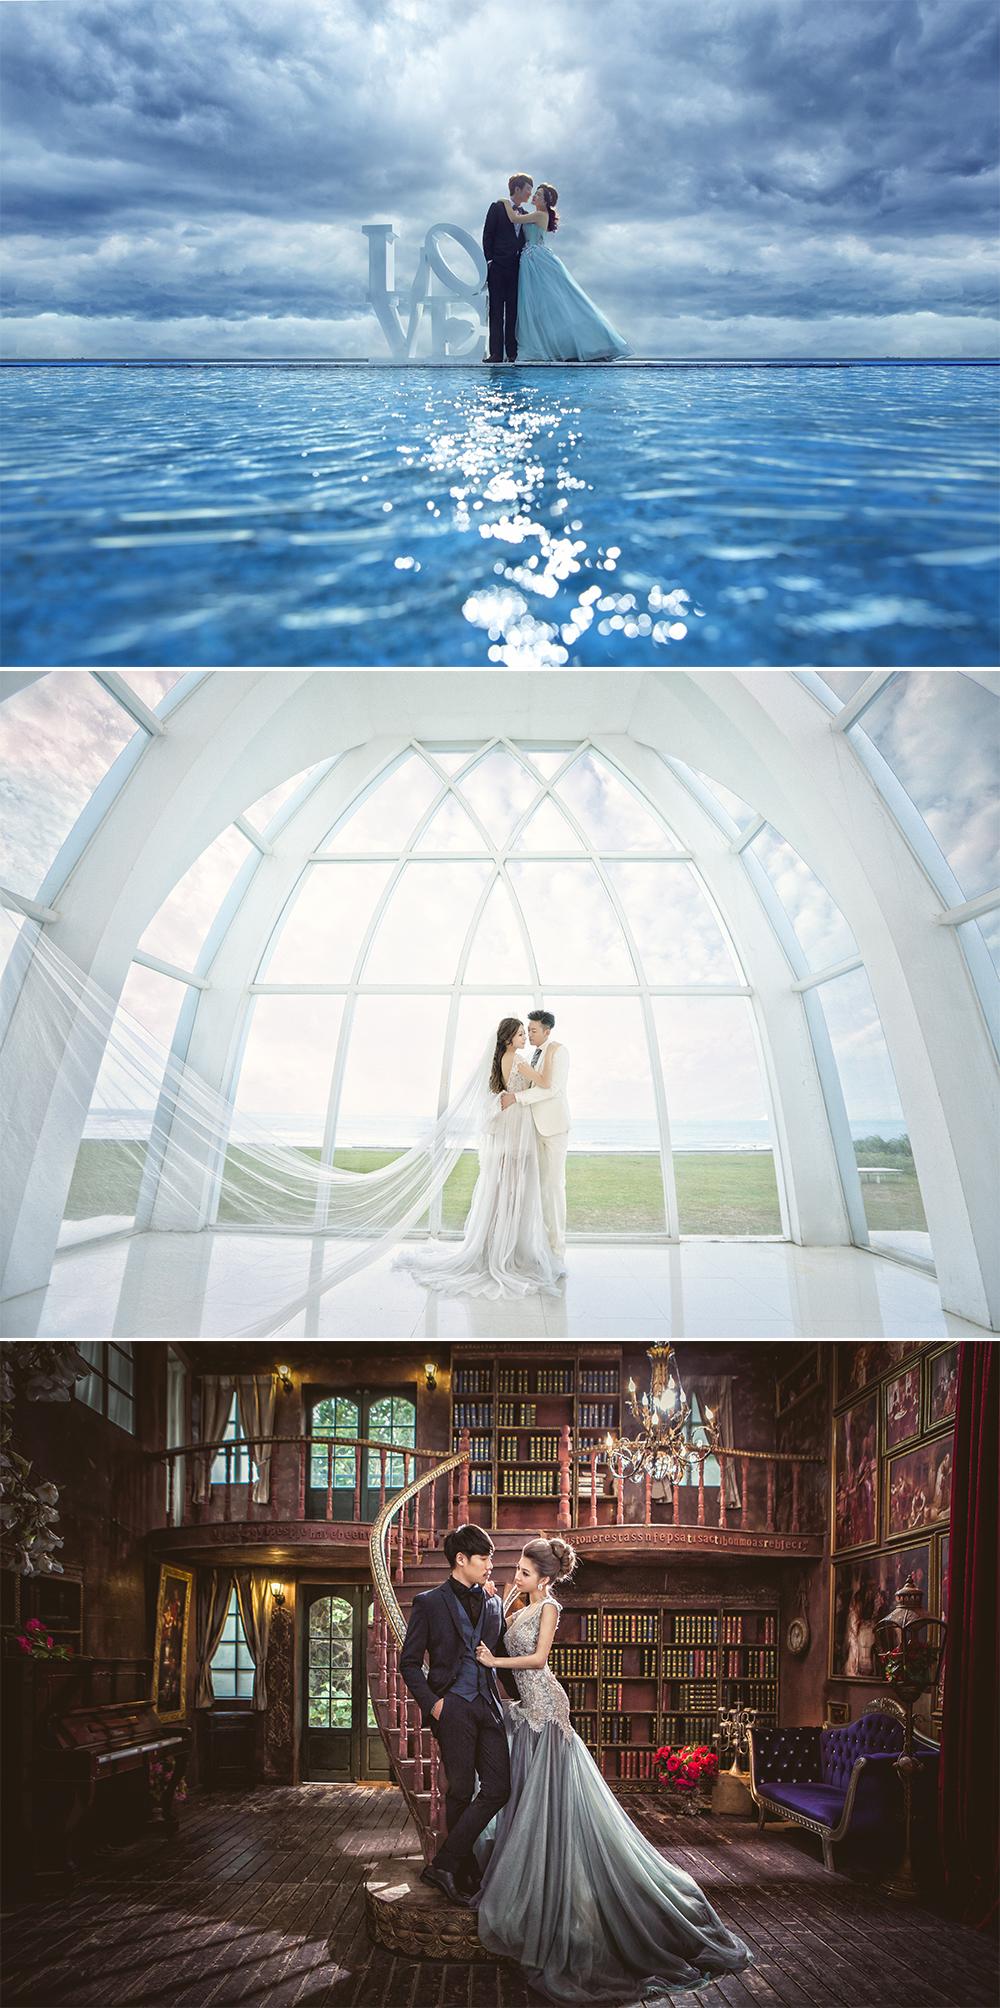 台灣婚紗照外拍景點 - 淡水莊園